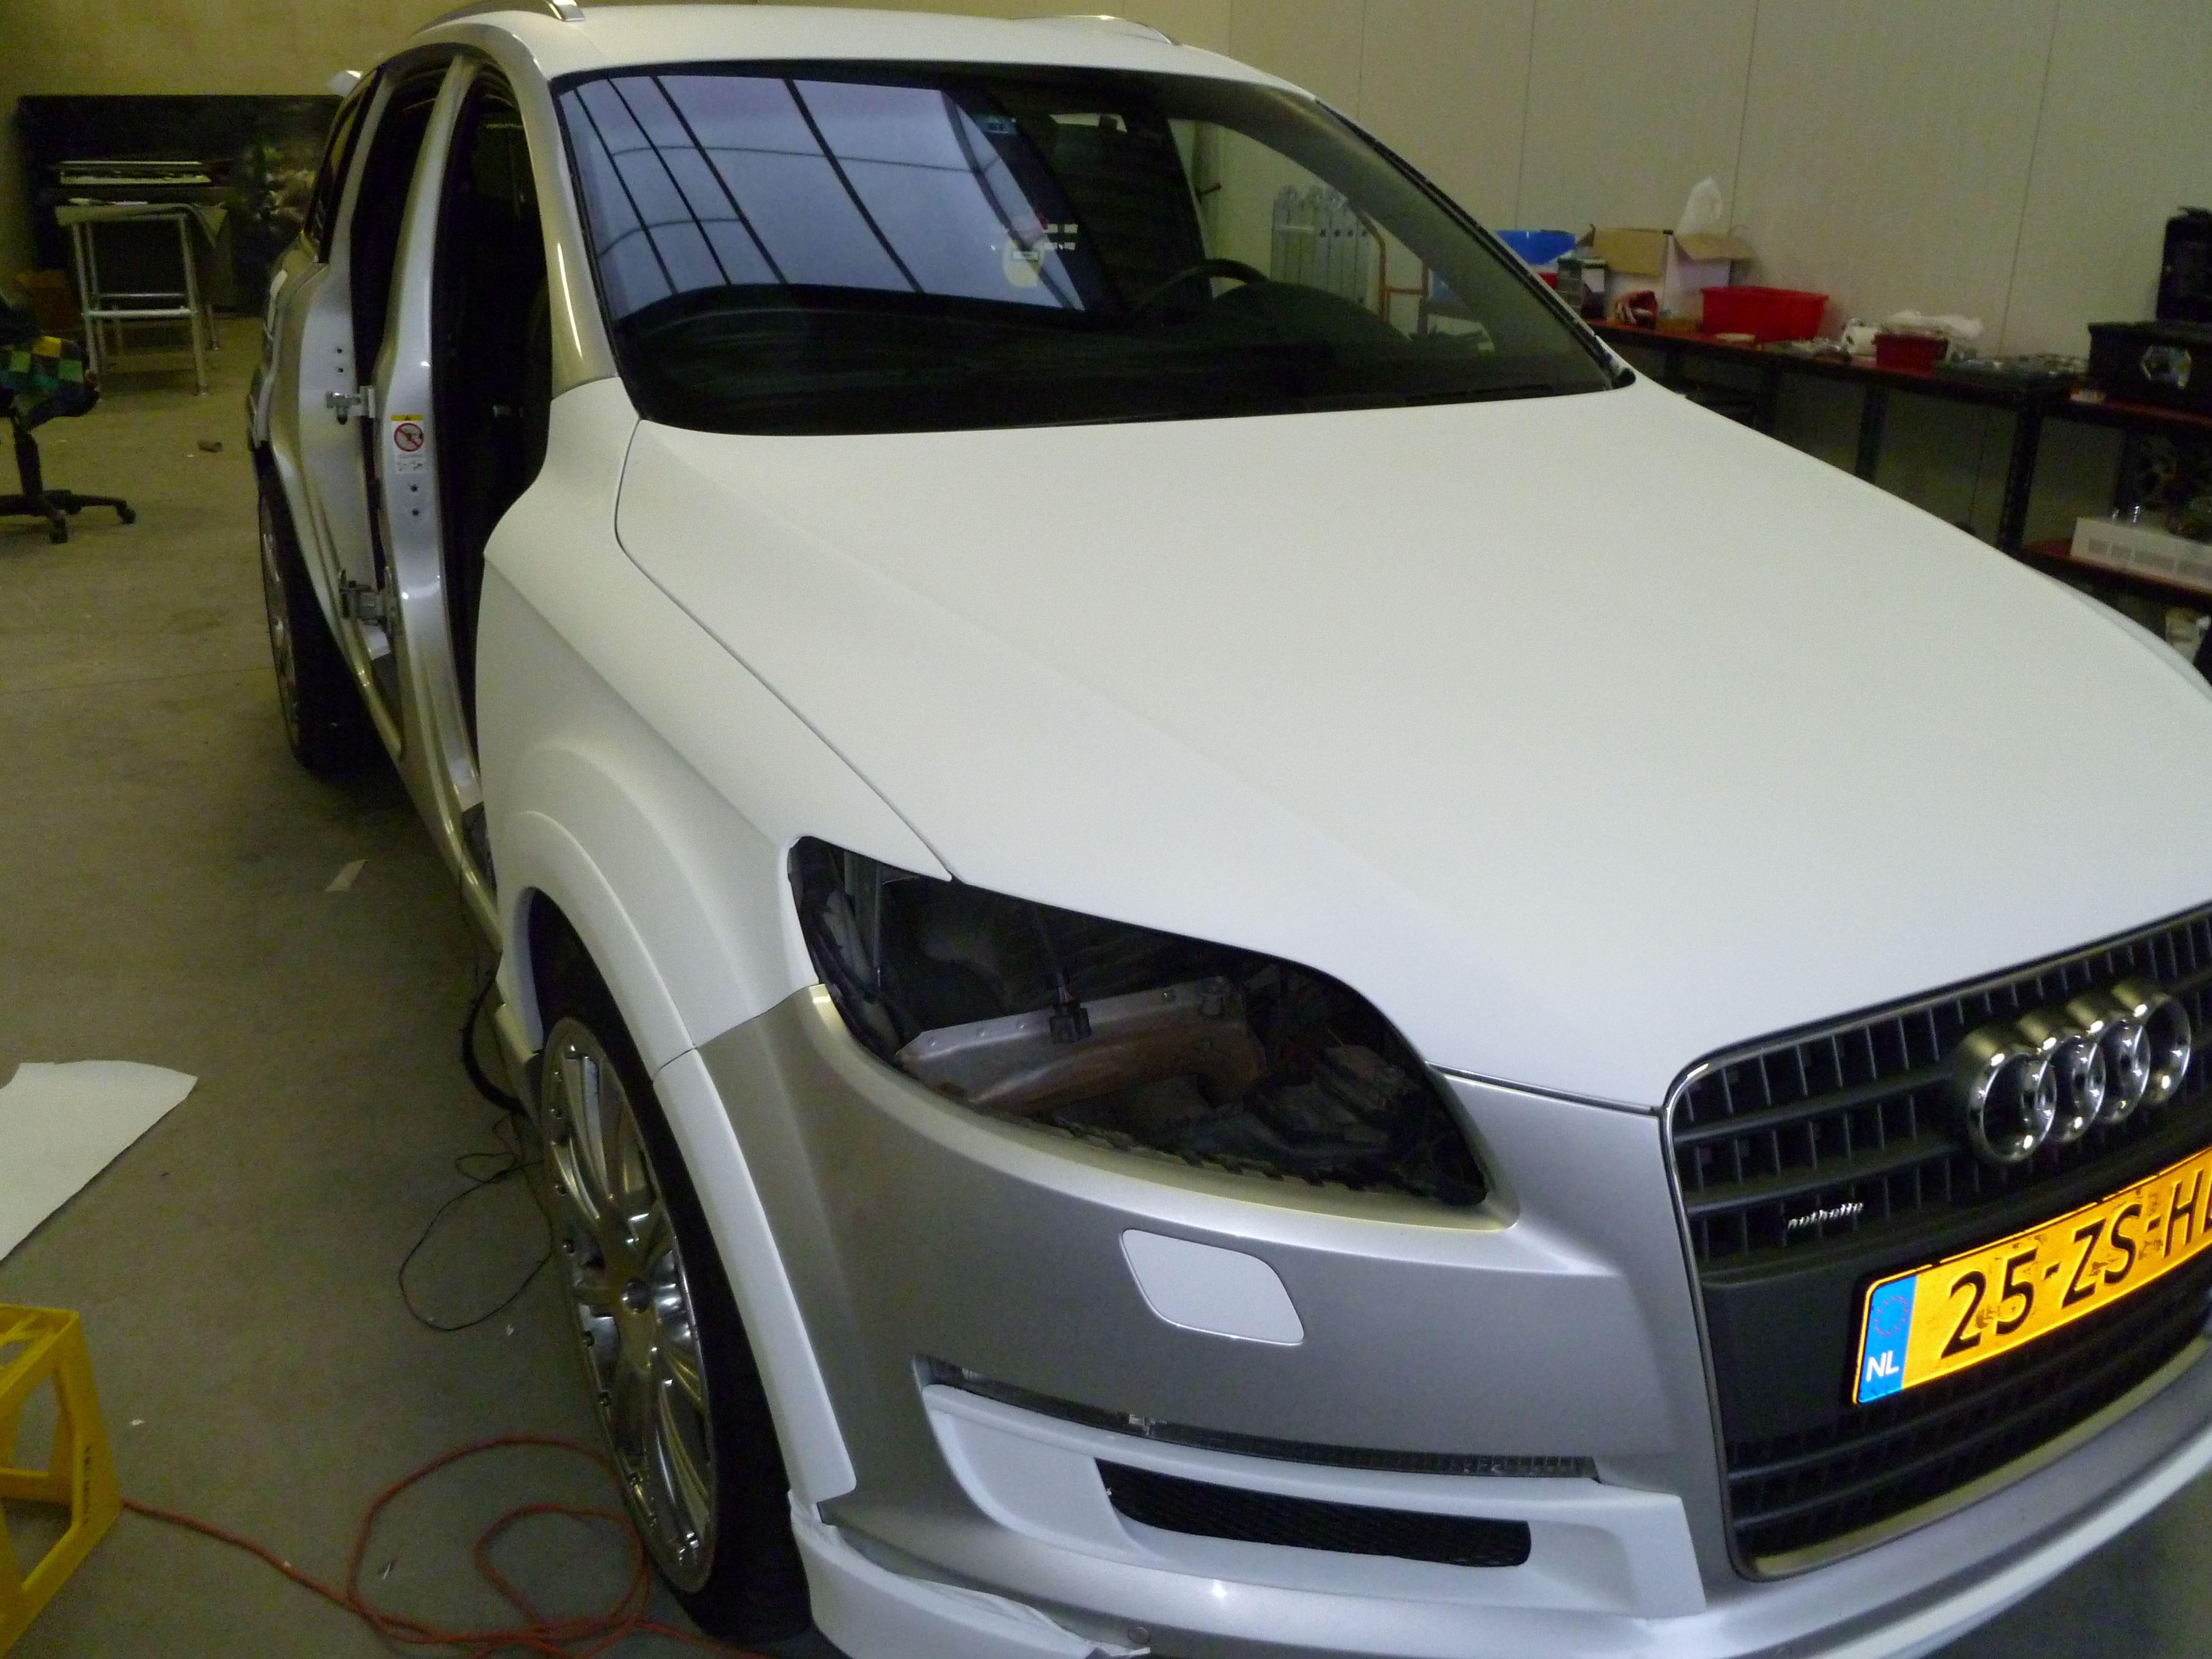 Audi Q7 met Mat Witte Wrap, Carwrapping door Wrapmyride.nu Foto-nr:4998, ©2021